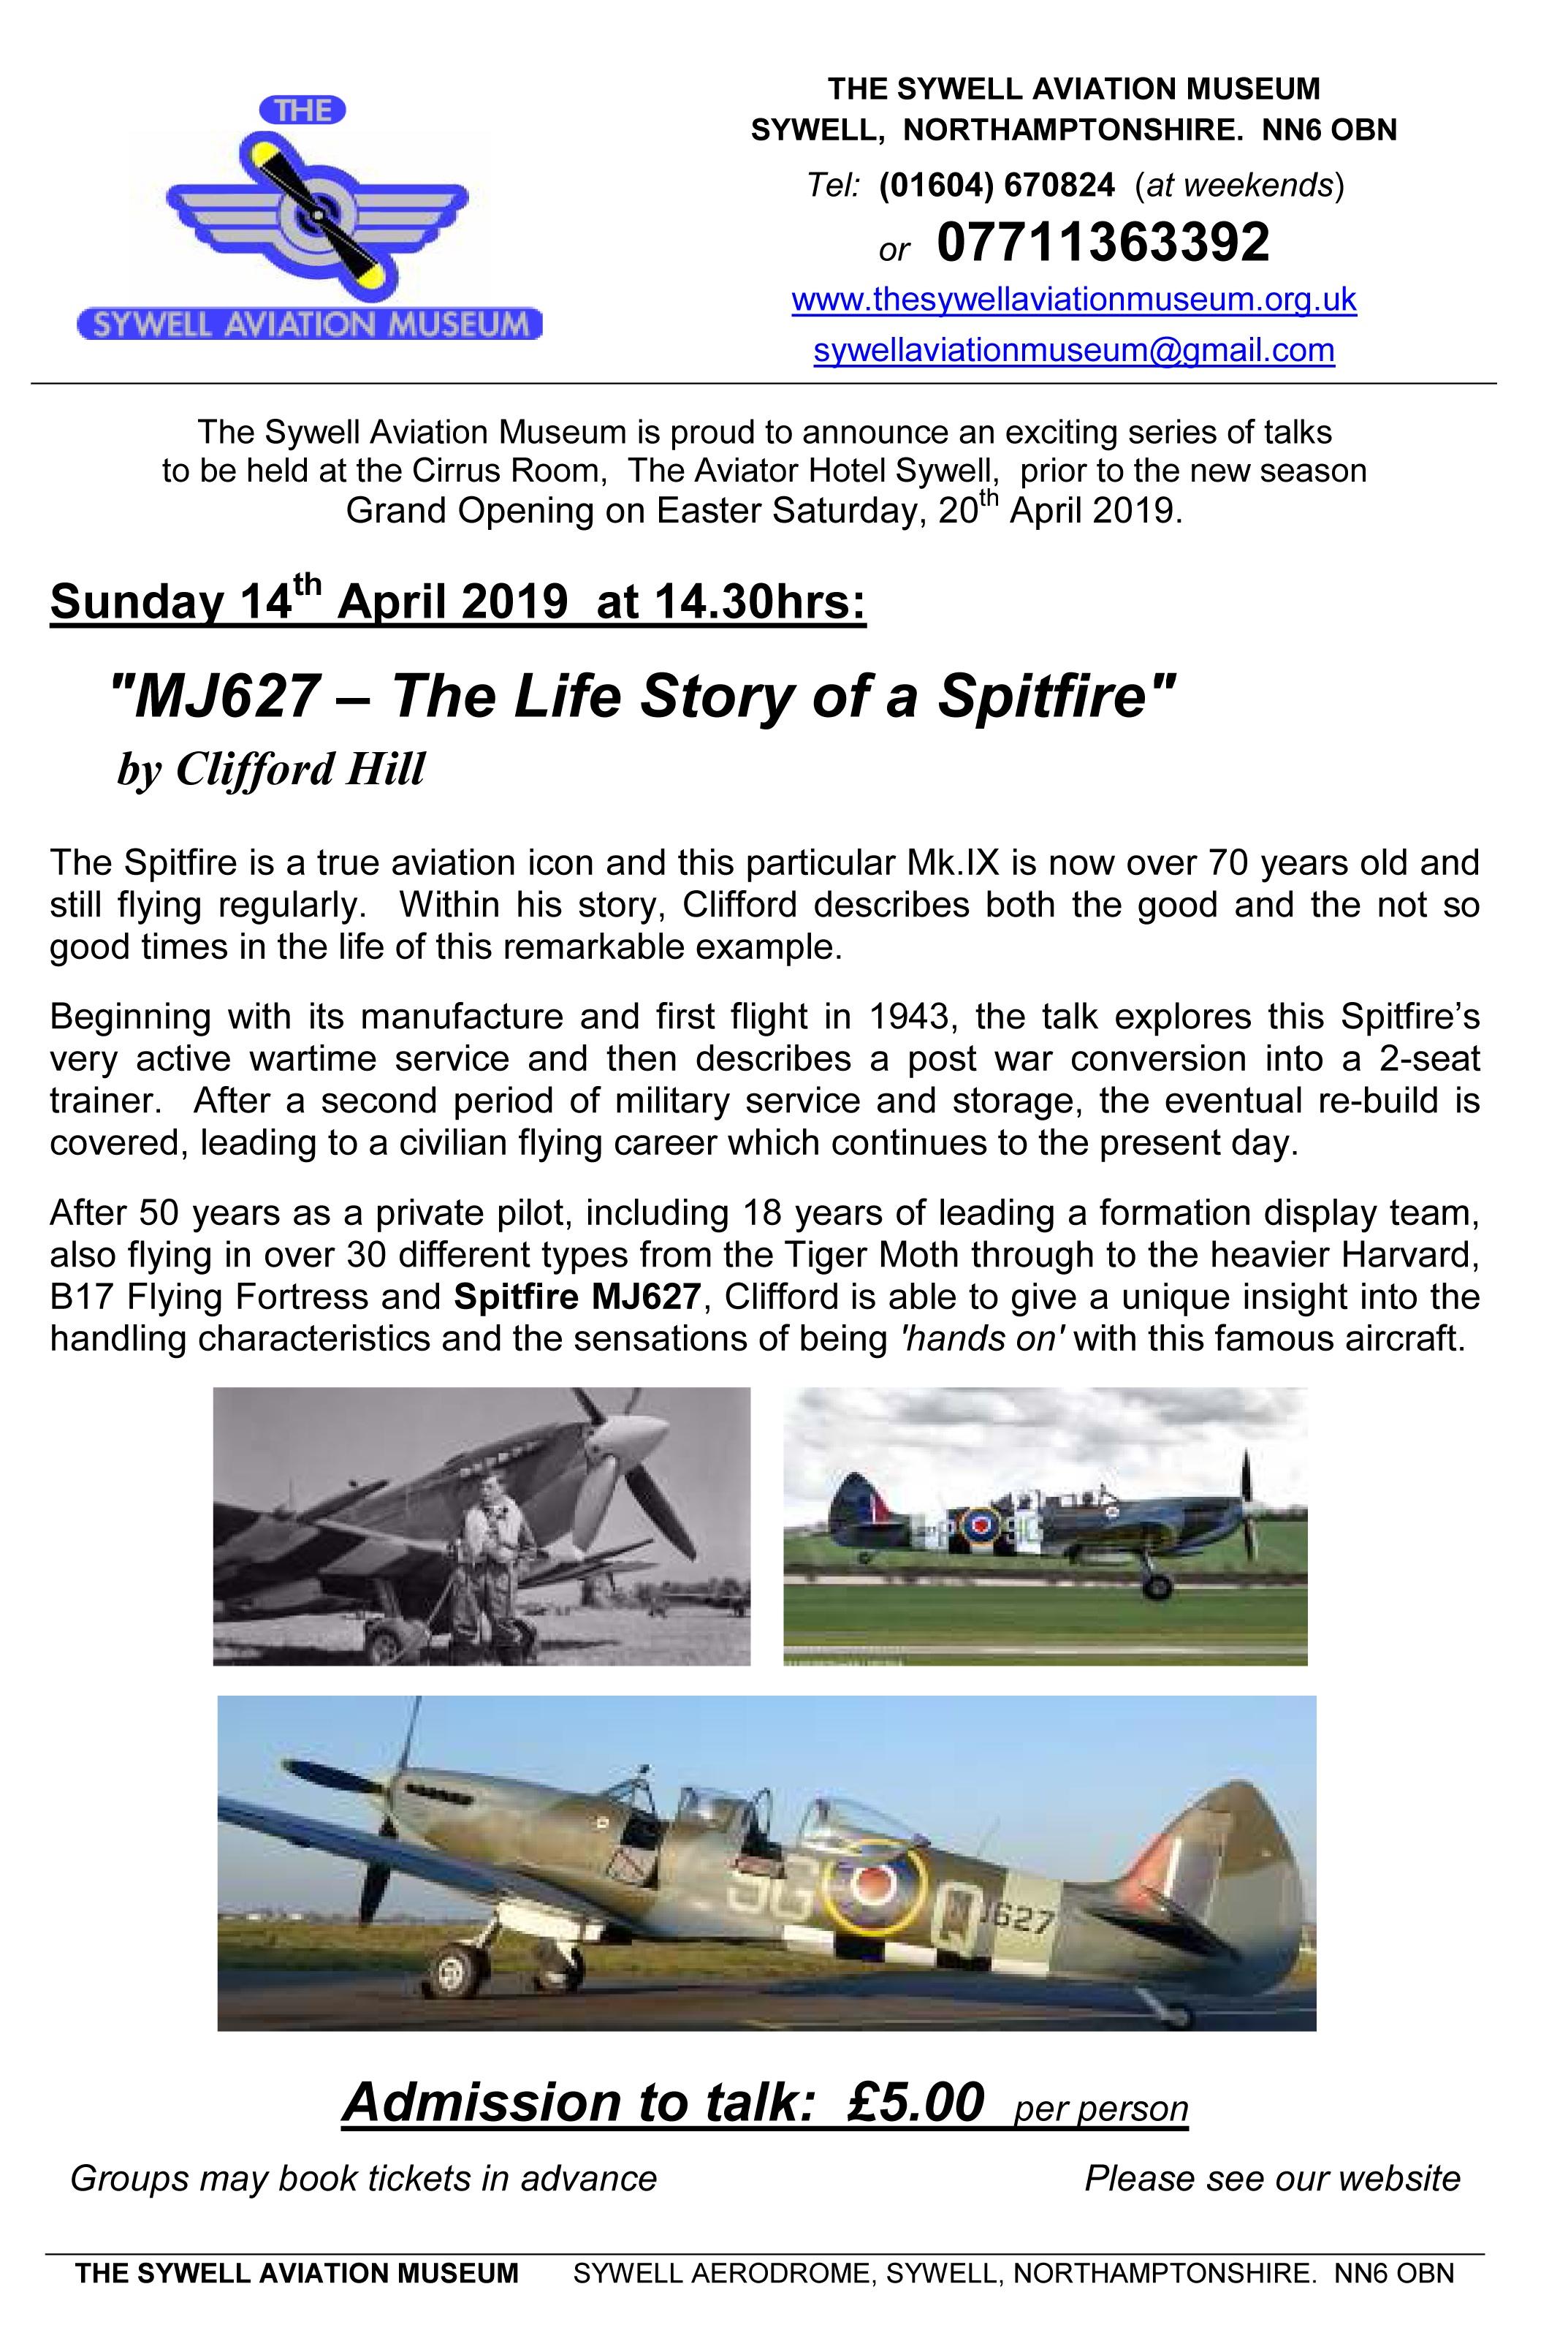 https://0501.nccdn.net/4_2/000/000/08b/173/Spitfire-MJ627_SAM-Press-release_Oct-2018-2146x3203.jpg